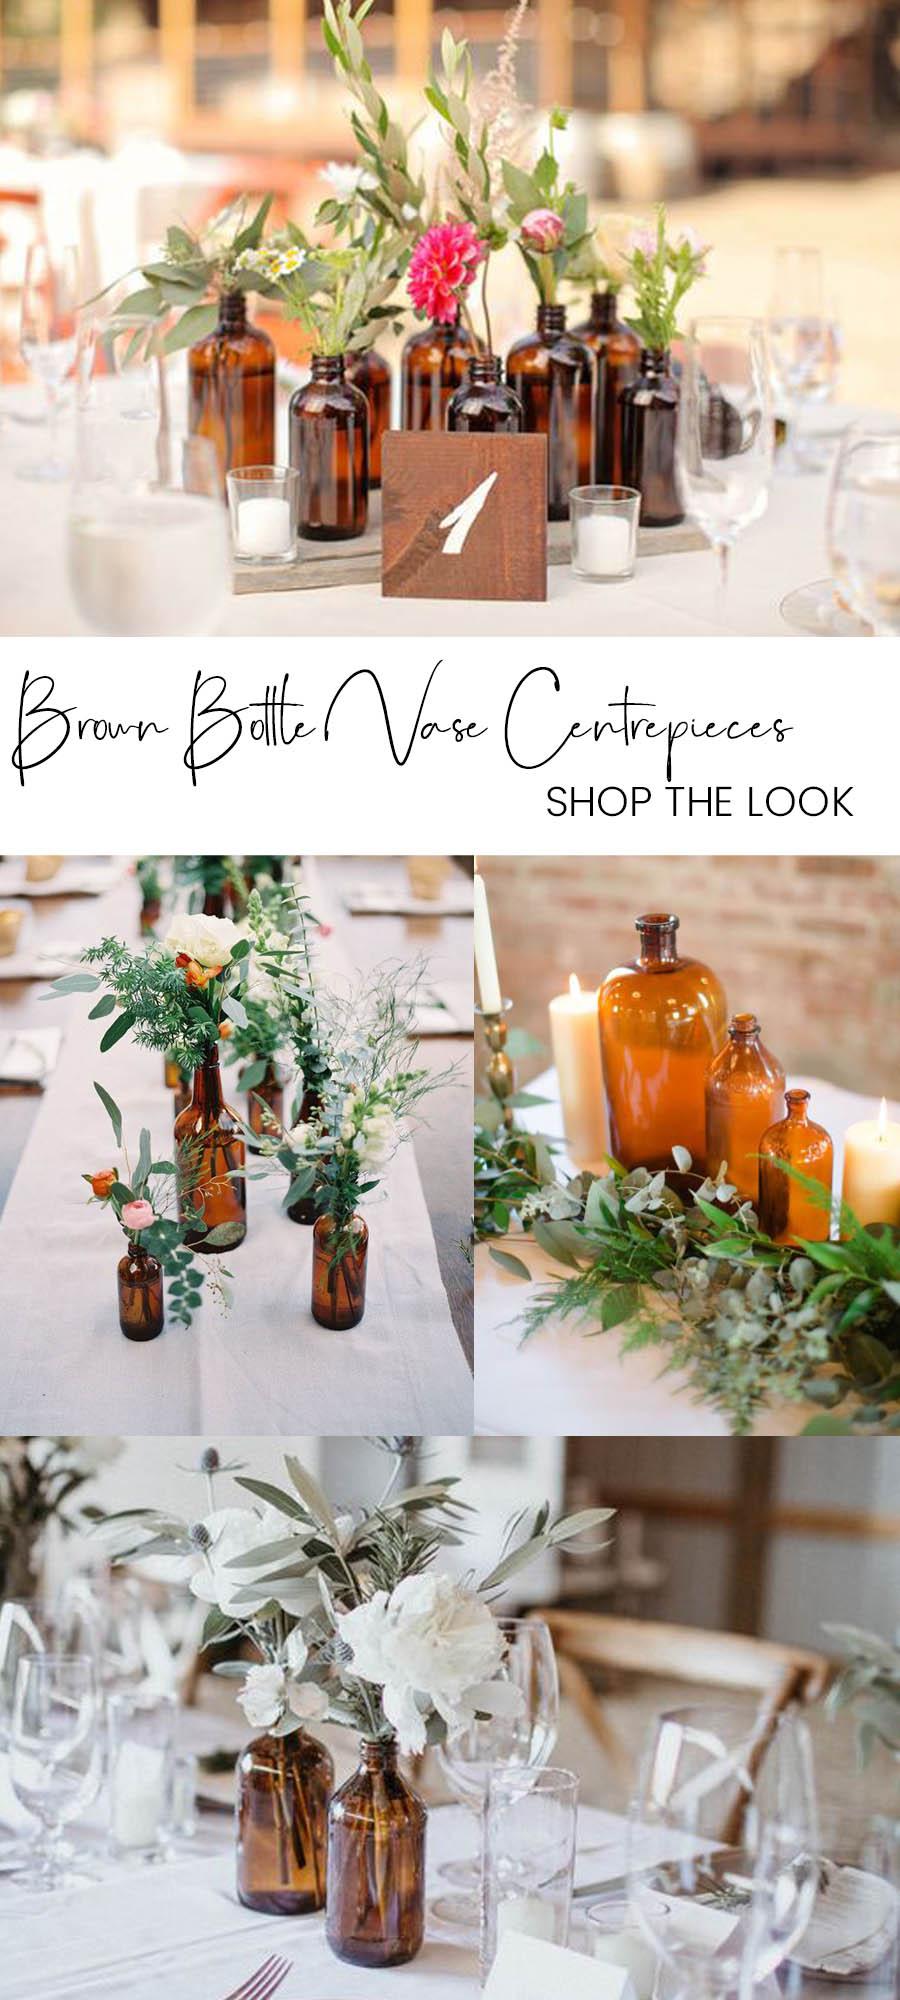 brown amber bottles wedding centrepieces